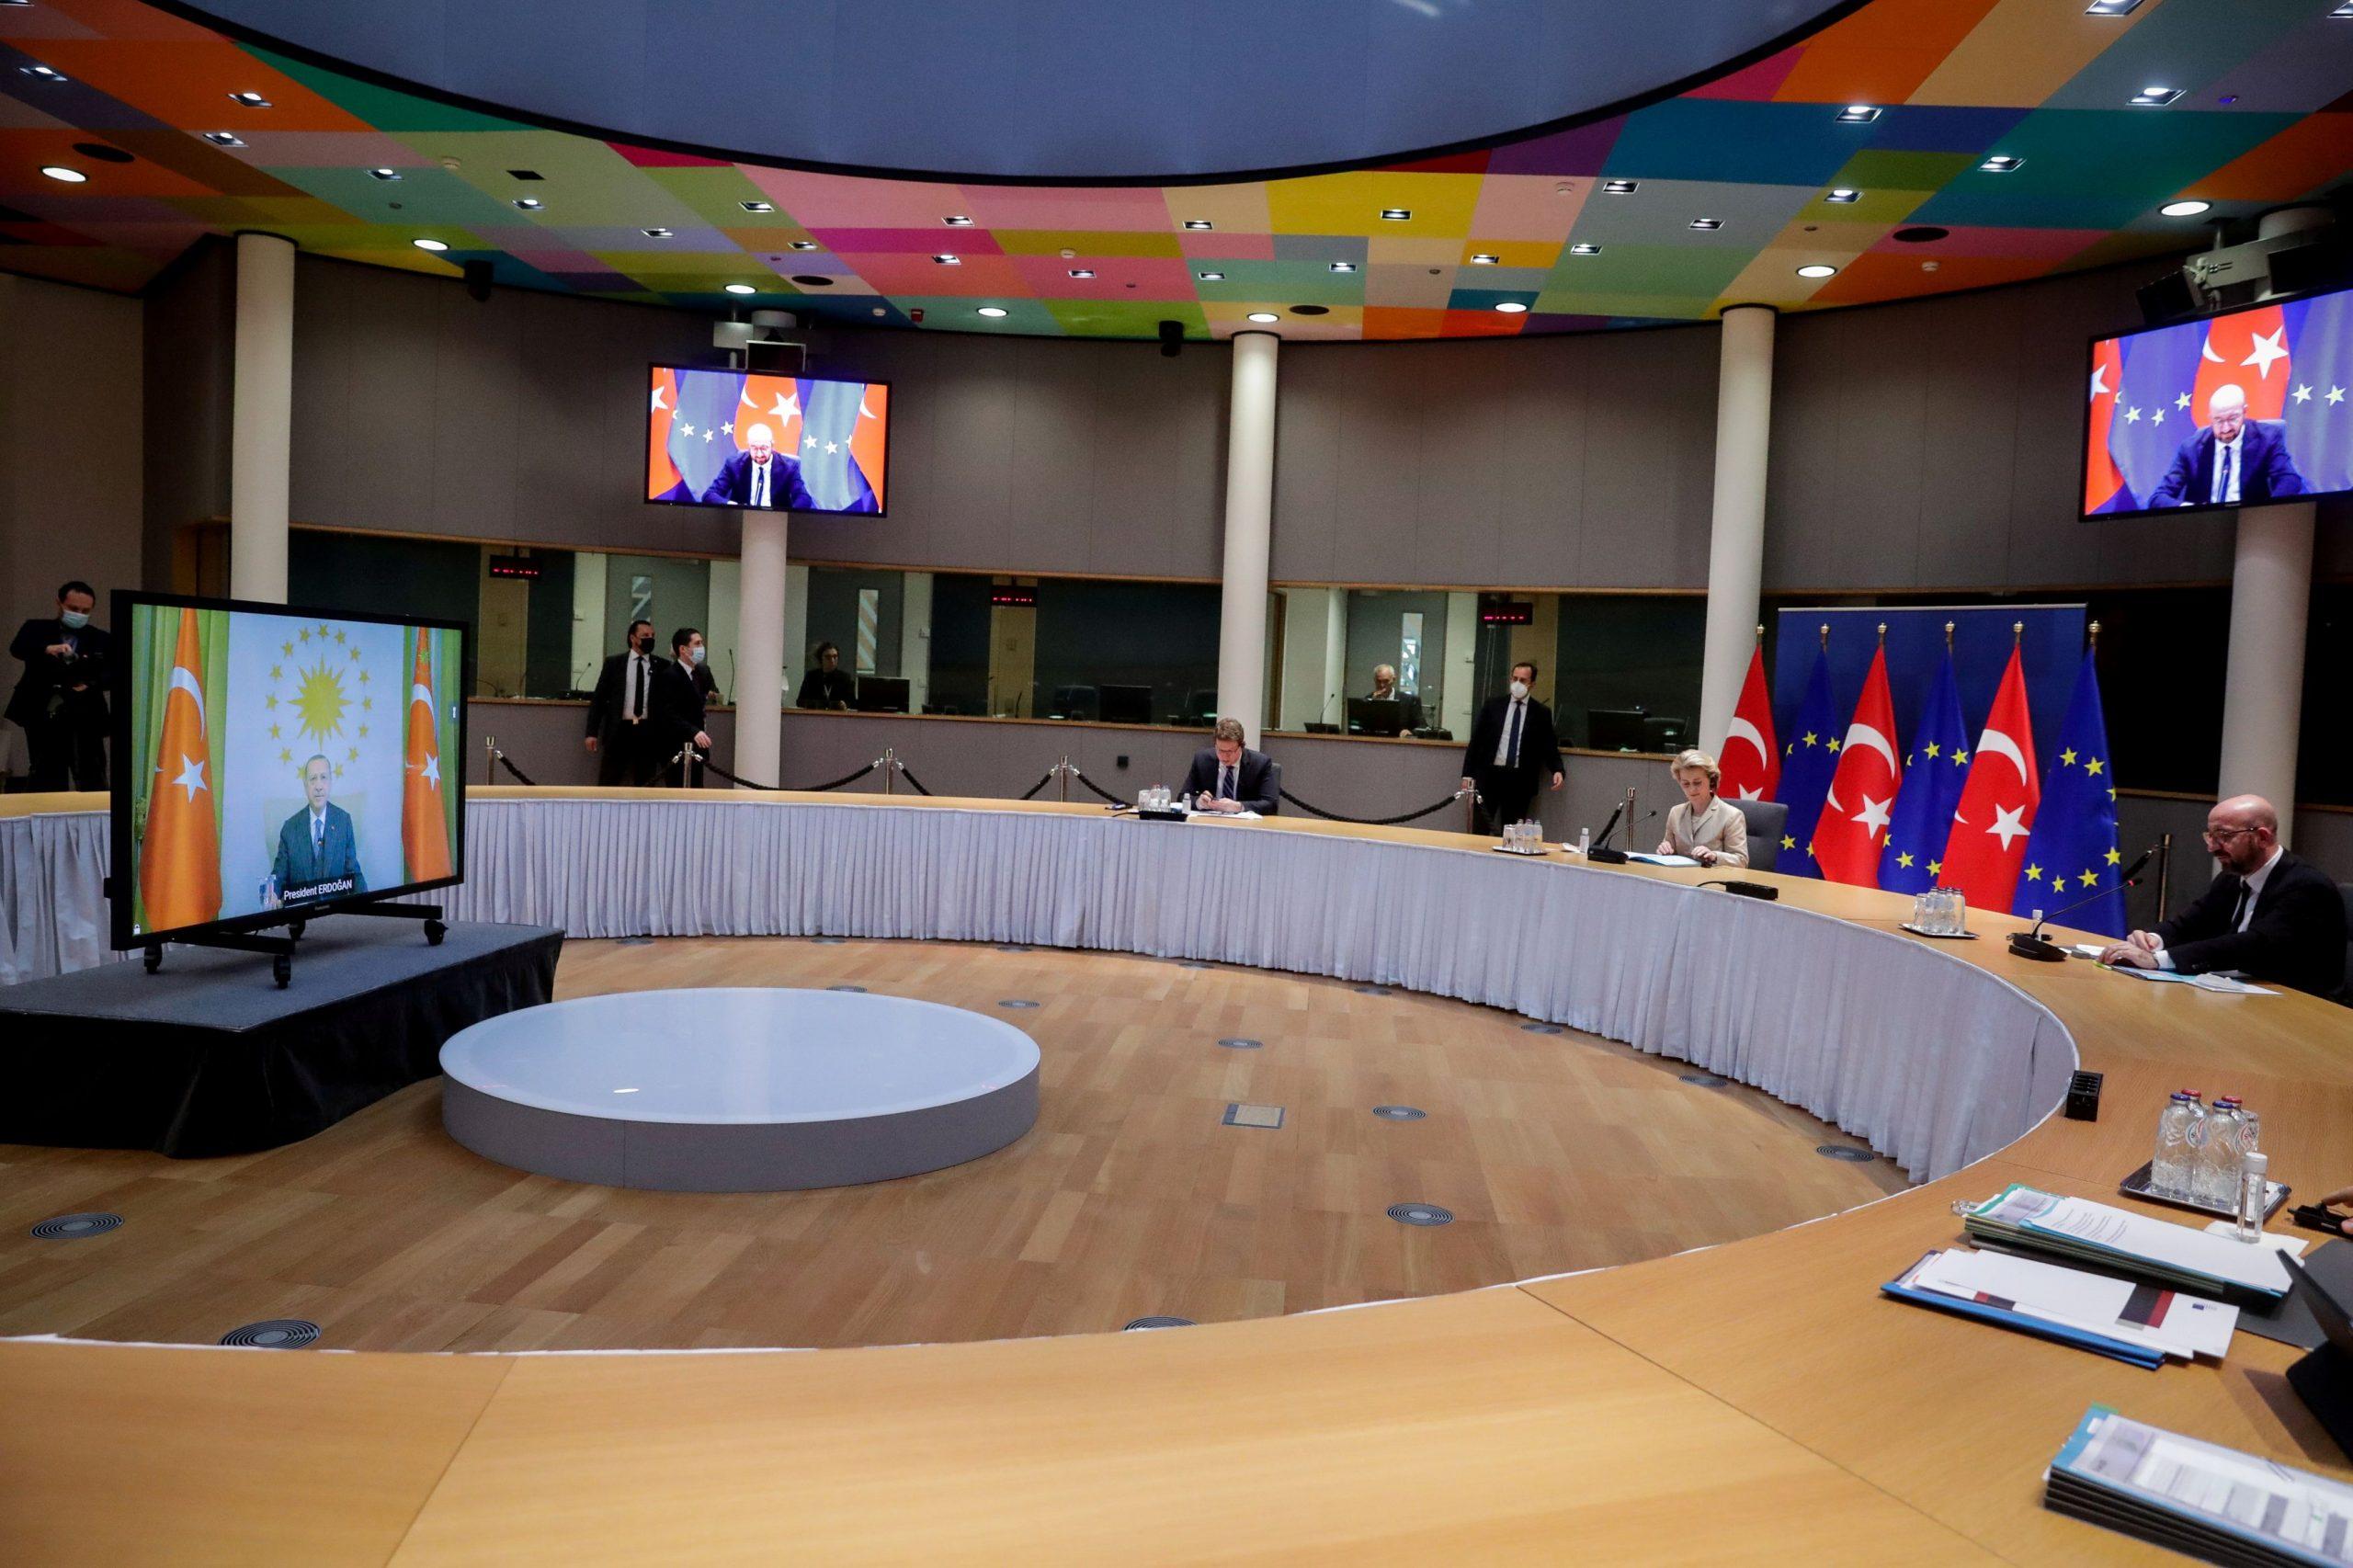 OKONČAN DVODNEVNI SAMIT! EU poziva Tursku na saradnju, ali prijeti i sankcijama u slučaju da Ankara nastavi istraživati naftu i plin u spornim vodama istočnog Sredozemlja